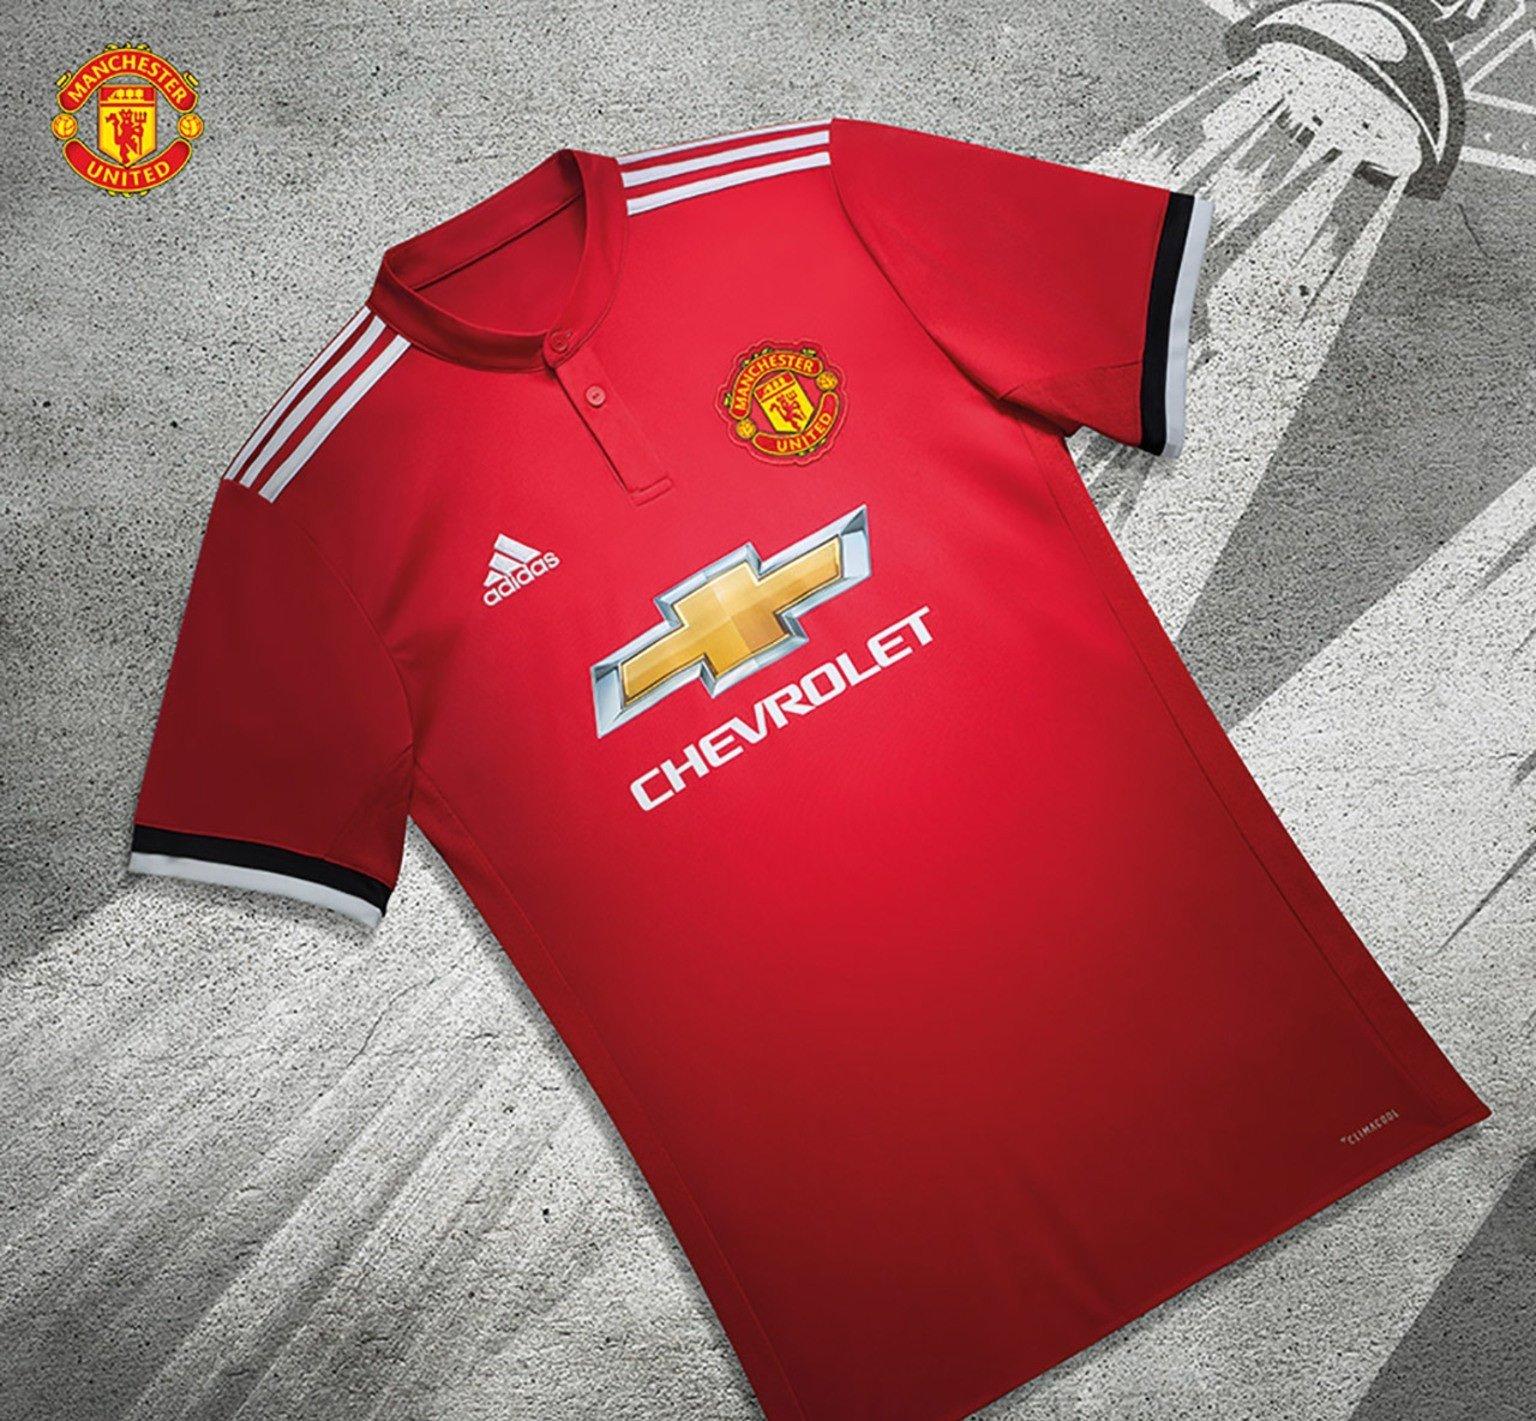 Muy pronto podrás encontrar la réplica de este uniforme en nuestra tienda  de futbol en el DF efce74fb1179a